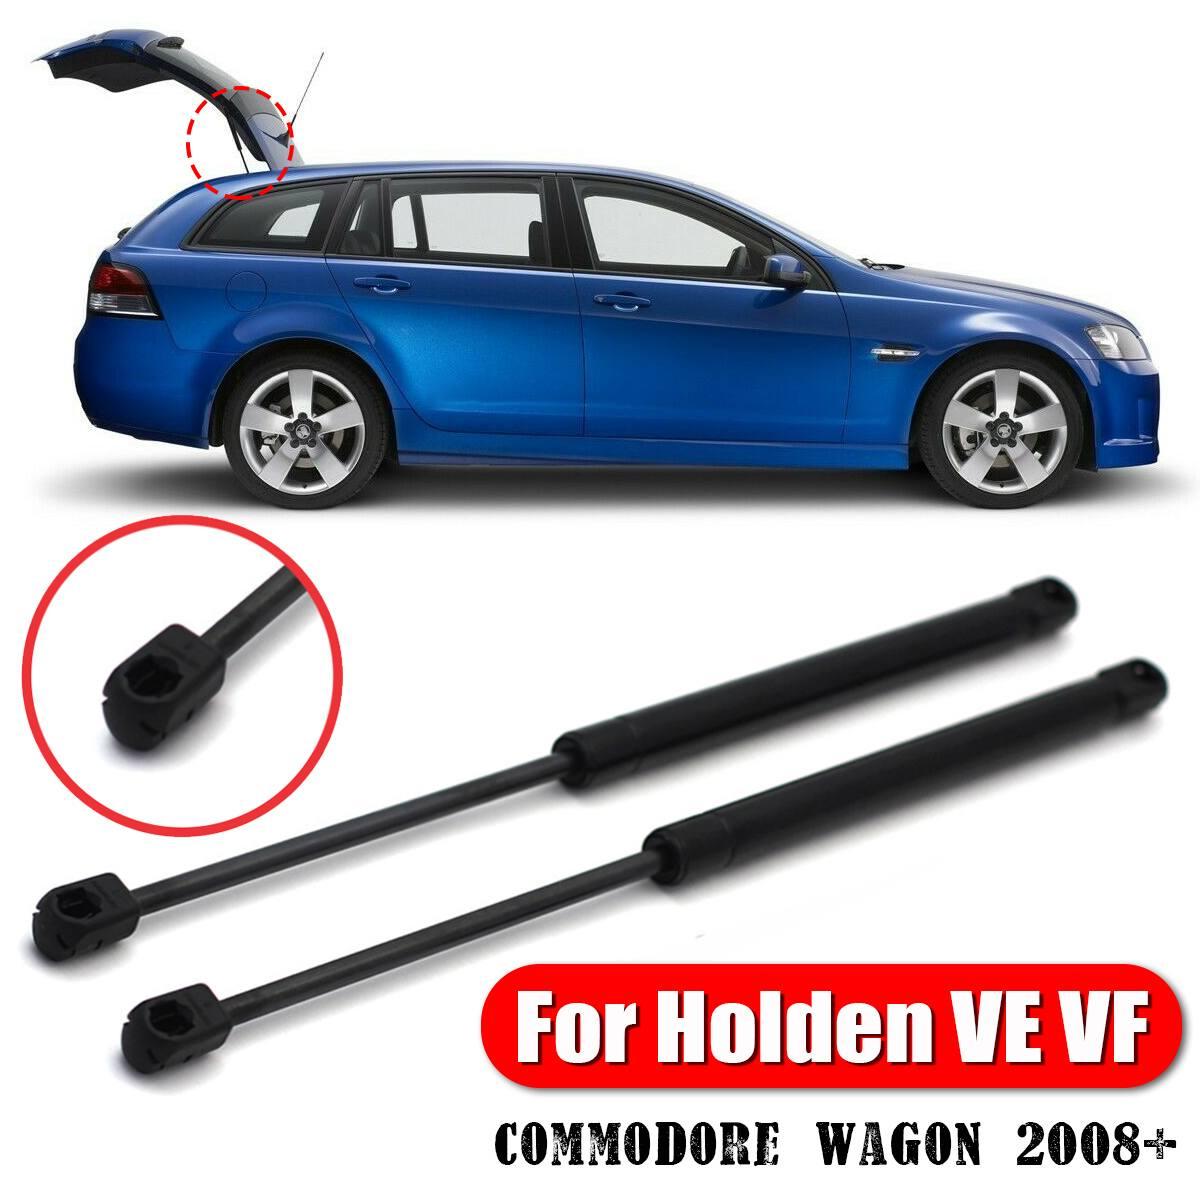 2 pièces barre de Support de levage de gaz de coffre de hayon arrière de voiture pour Holden VE VF Commodore Wagon 2008 +